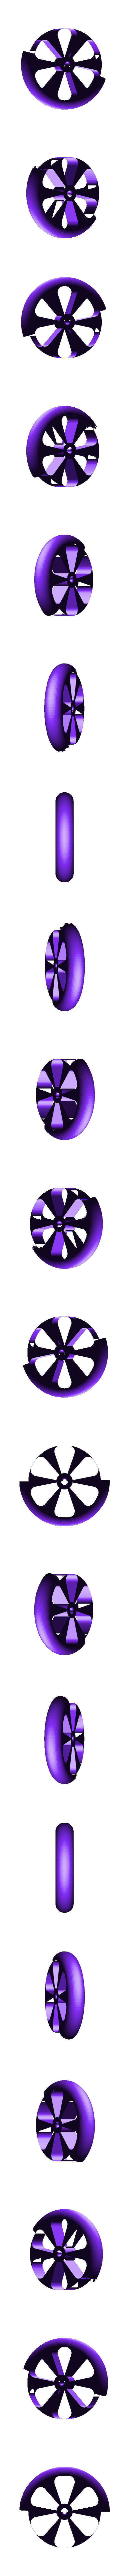 wheel_Scaled.stl Télécharger fichier STL gratuit Module HF3D : Plan imprimé 3D • Modèle pour imprimante 3D, FurEter